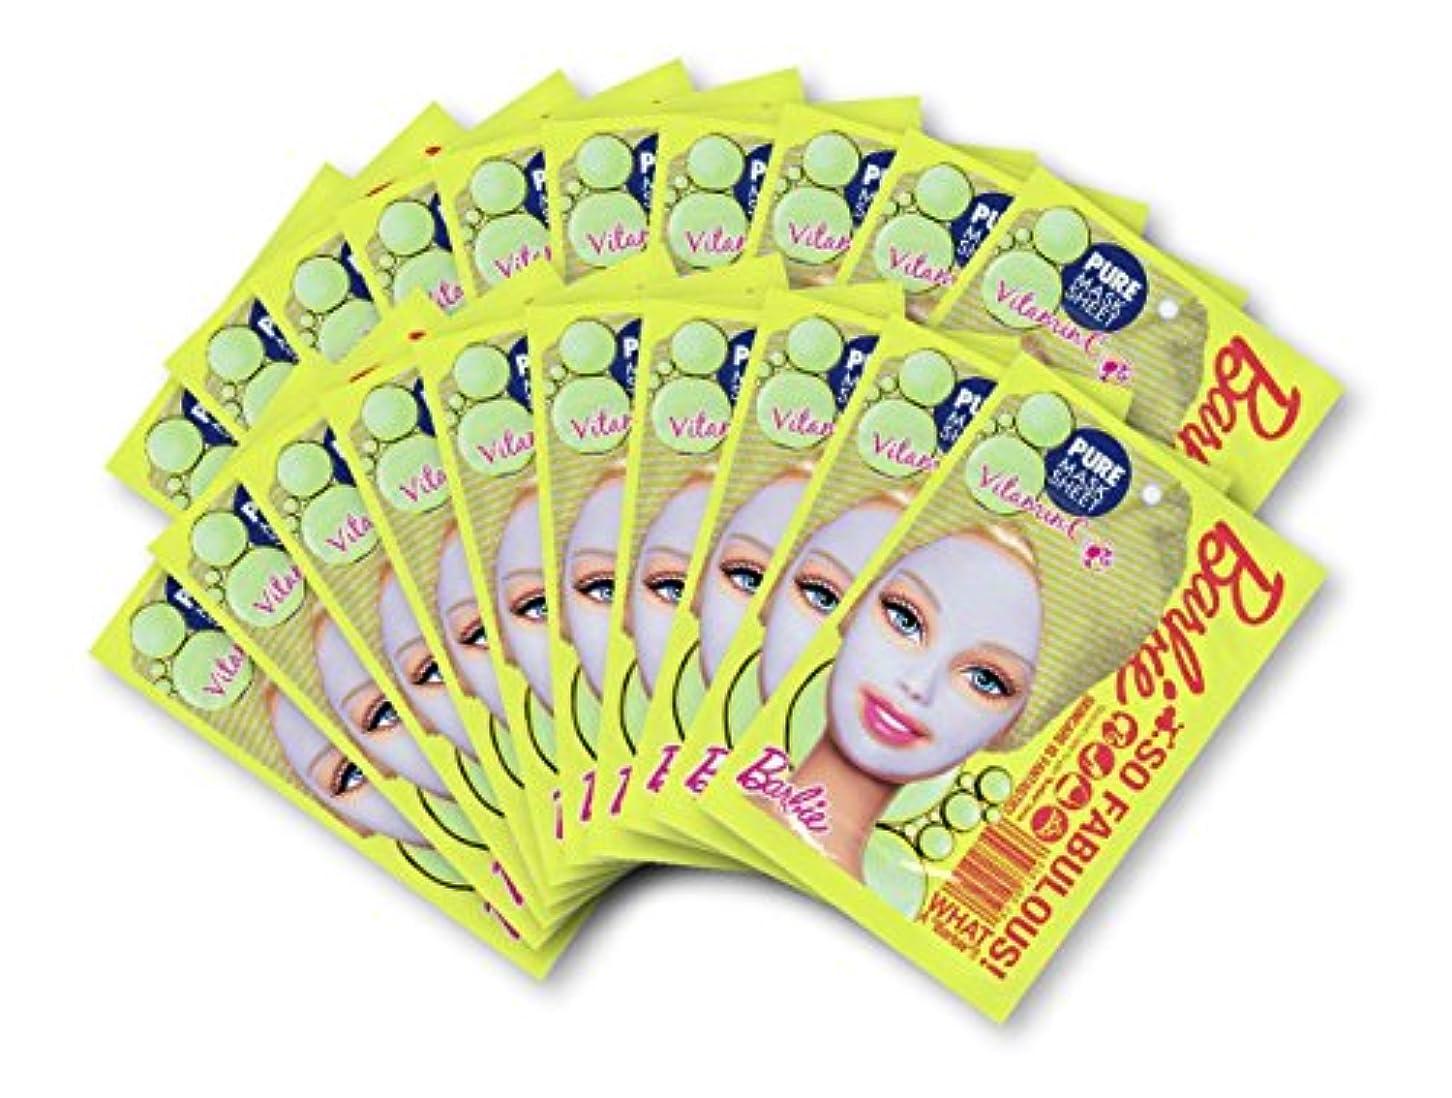 ウルル忠実に同一のバービー (Barbie) フェイスマスク ピュアマスクシートN (ビタミンC) 25ml×20枚入り [透明感] 顔 シートマスク フェイスパック